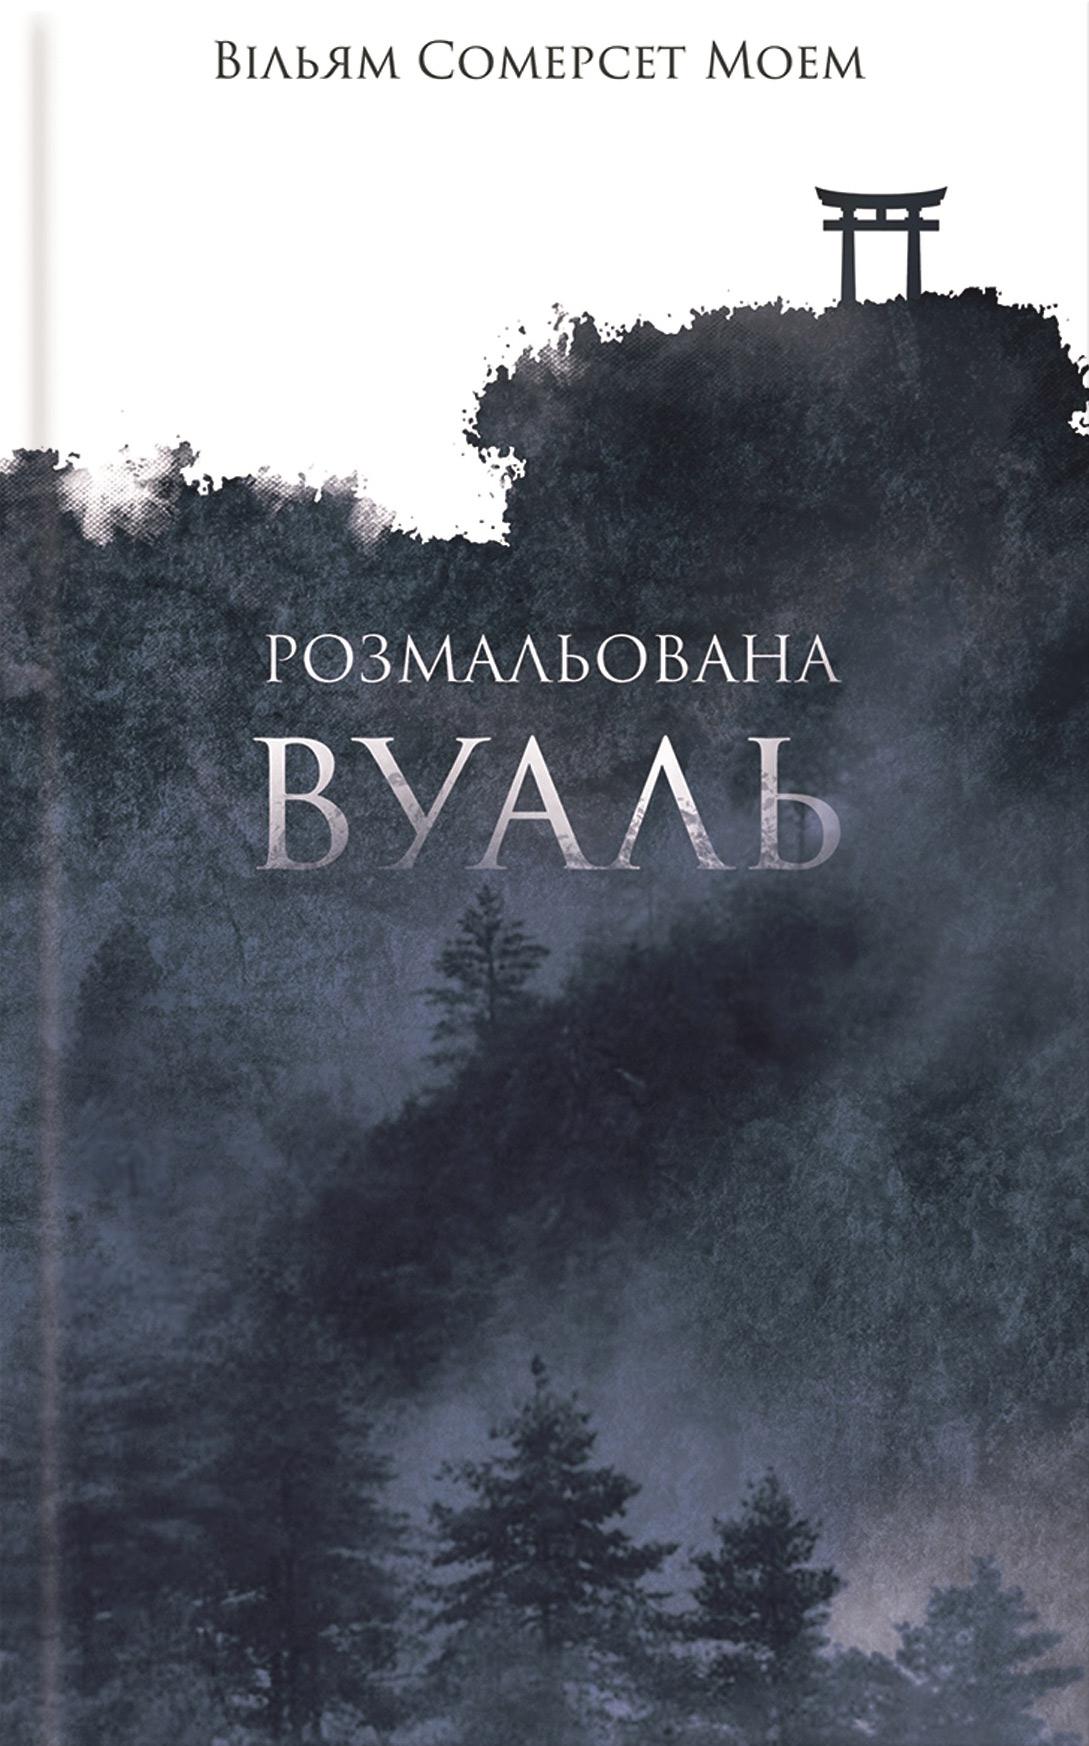 Вільям Сомерсет Моем Розмальована вуаль холера